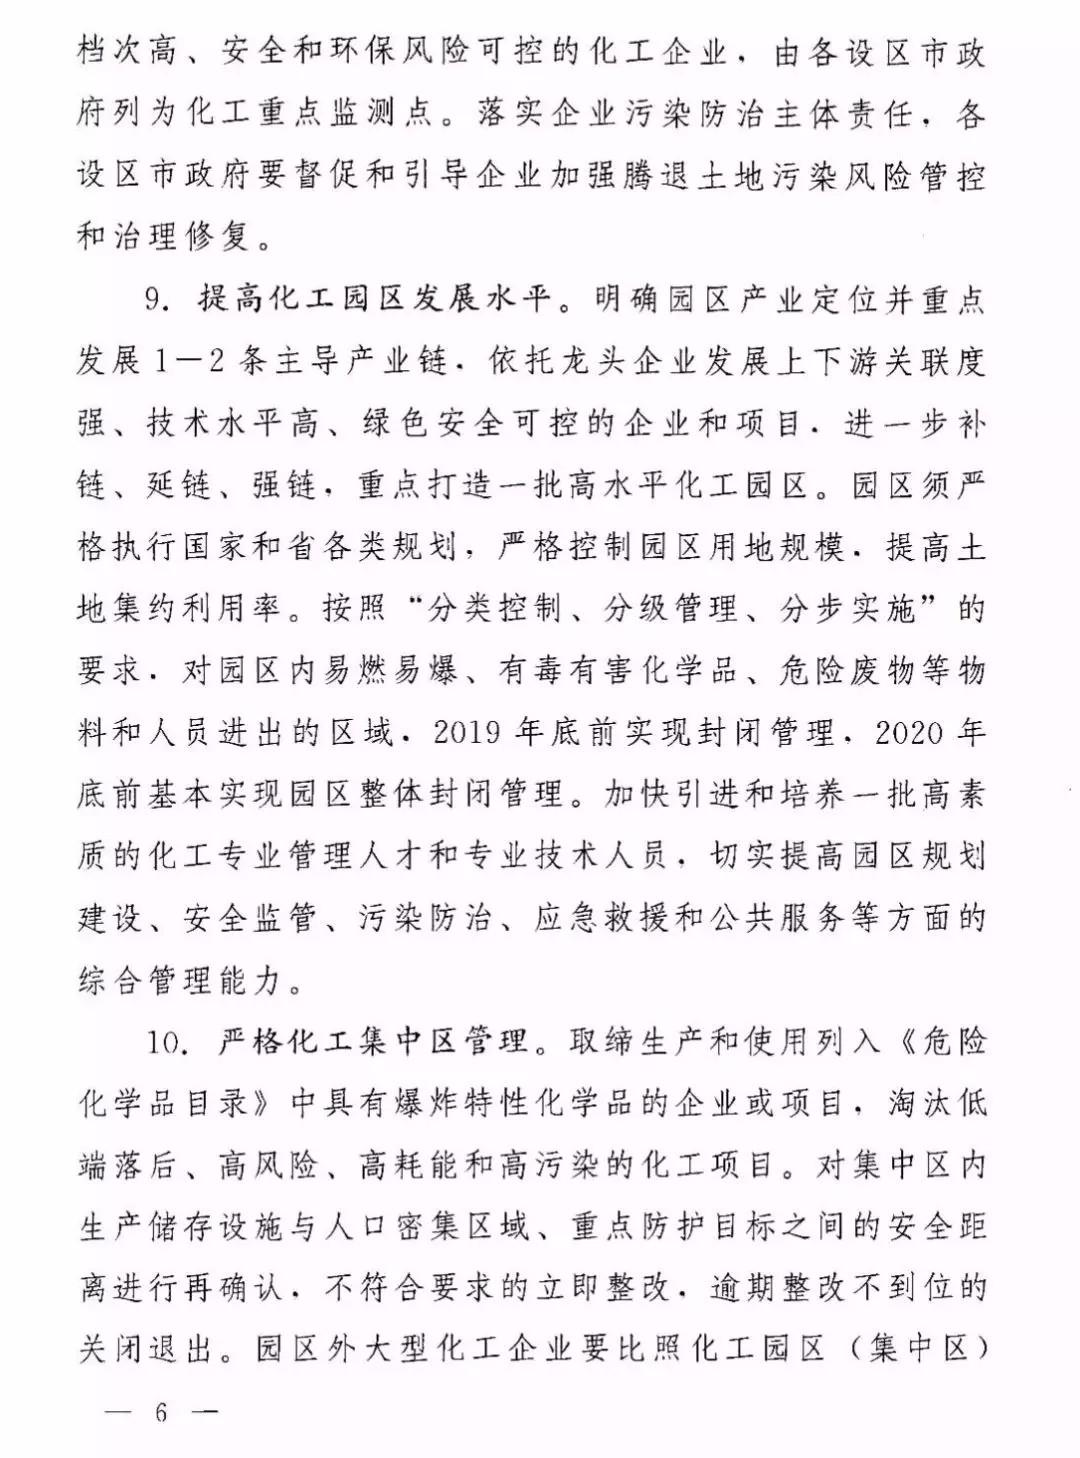 江苏化工风暴正式来袭!环保整治方案出炉